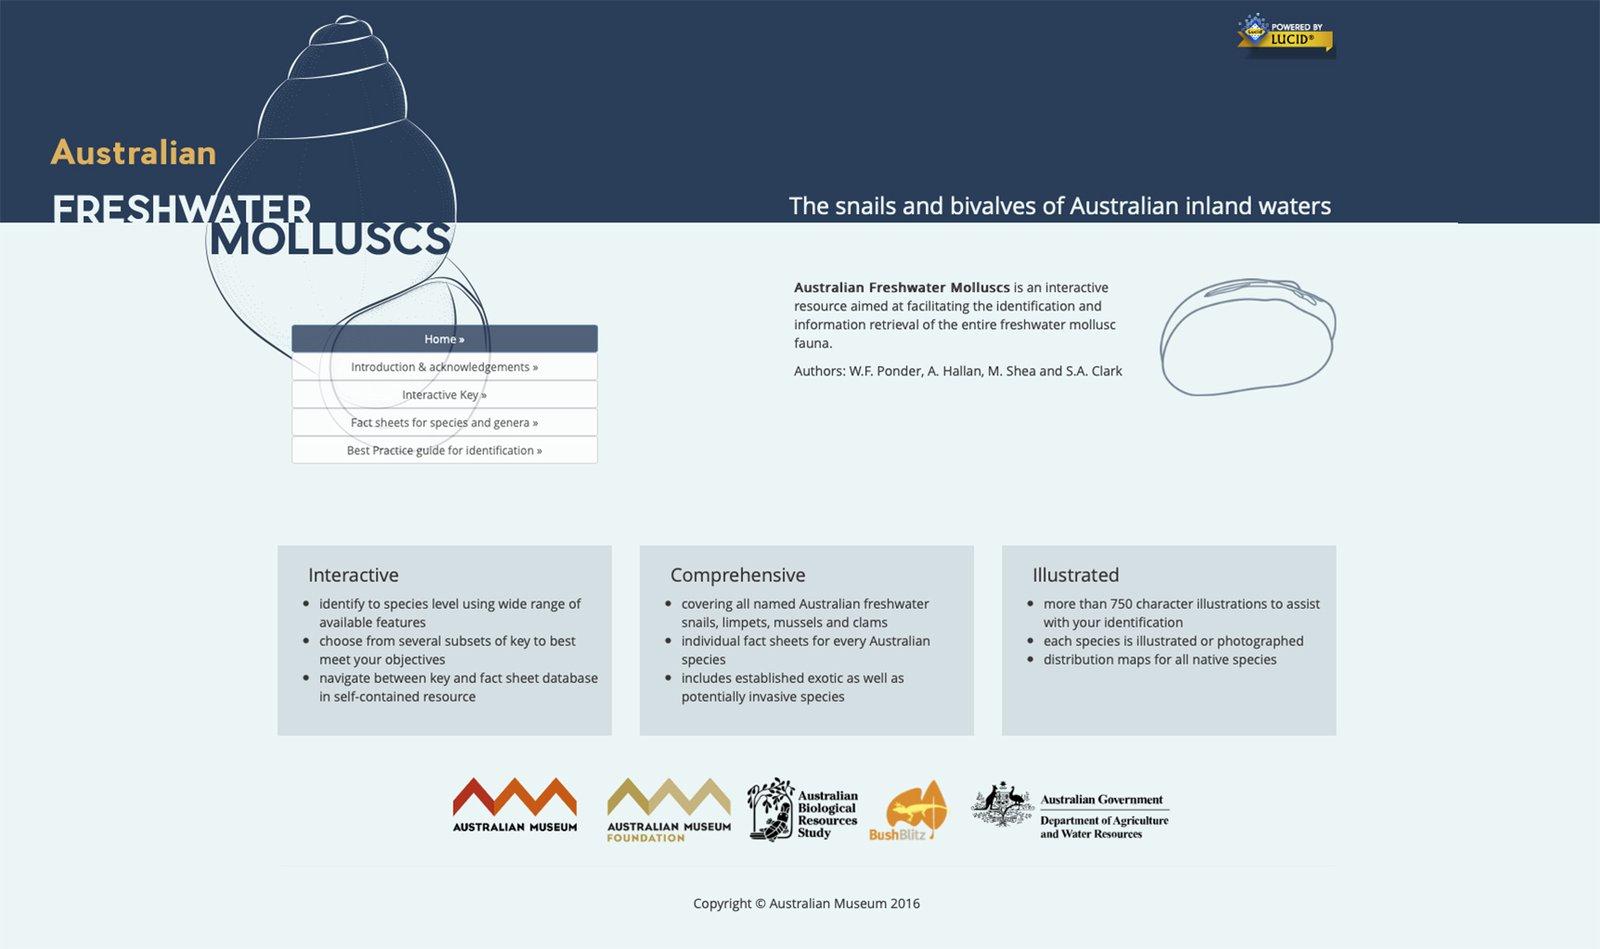 Screenshot - Australian Freshwater Molluscs Website